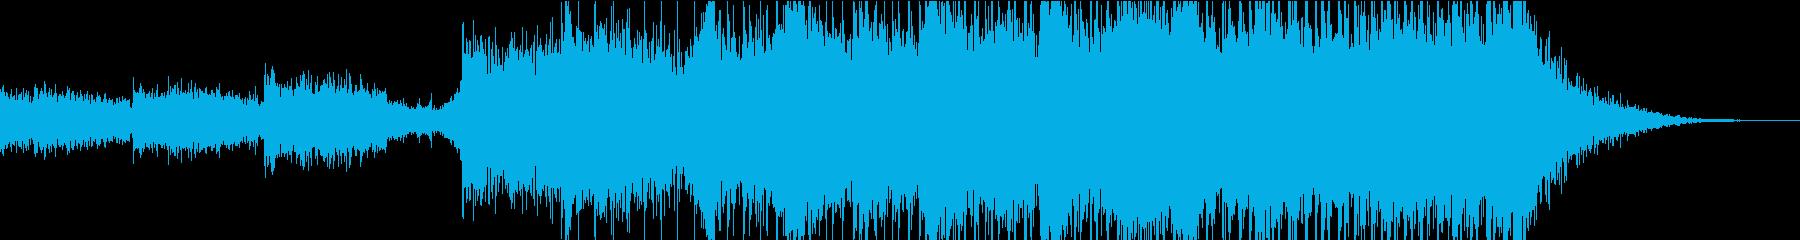 雷鳴が印象的で迫力と疾走感のある曲の再生済みの波形